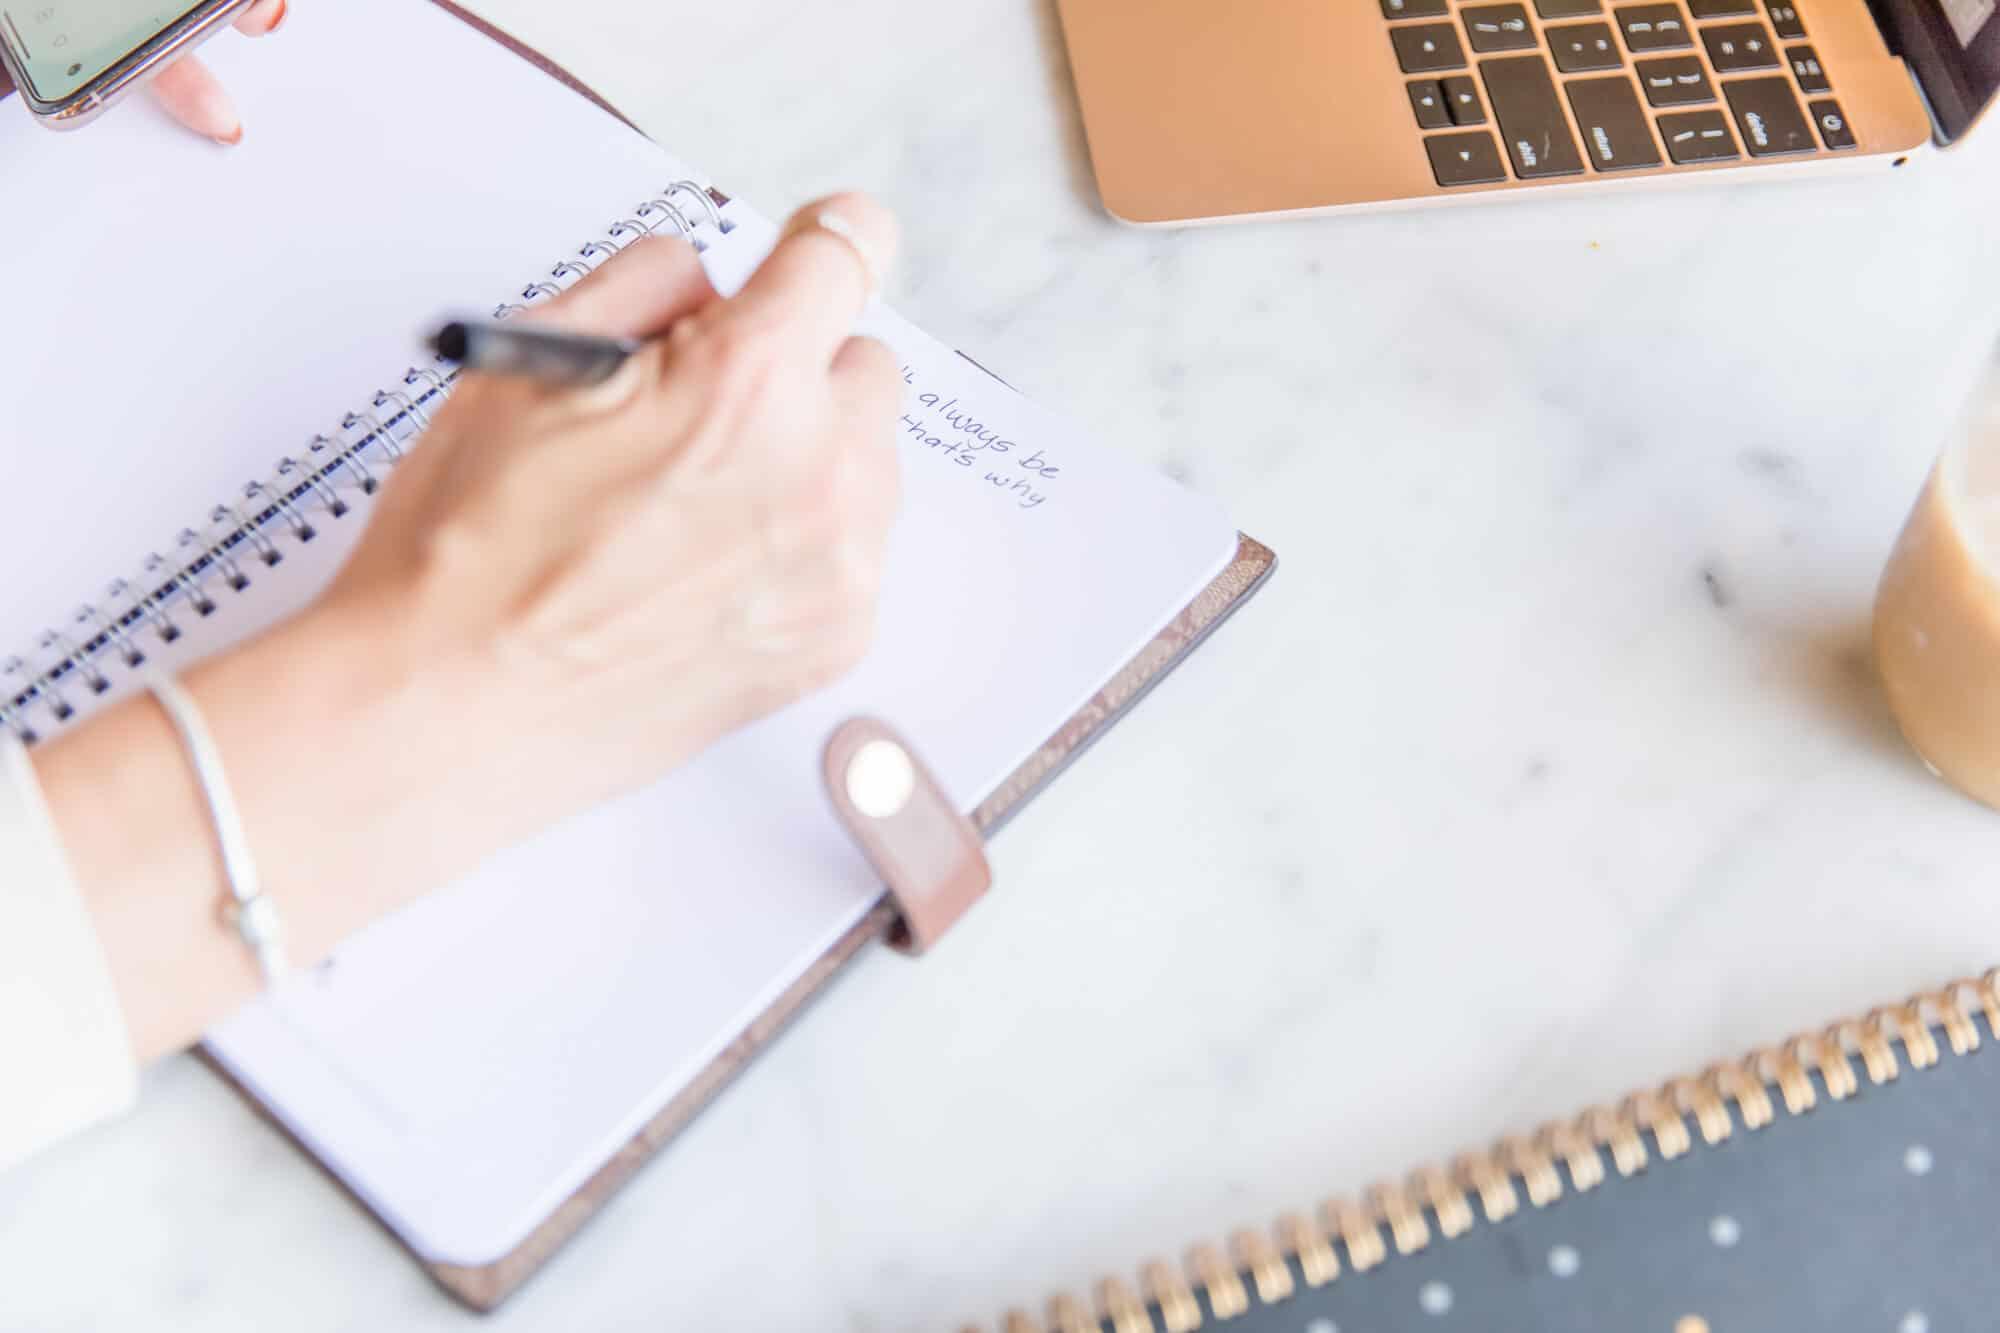 Web designer taking notes